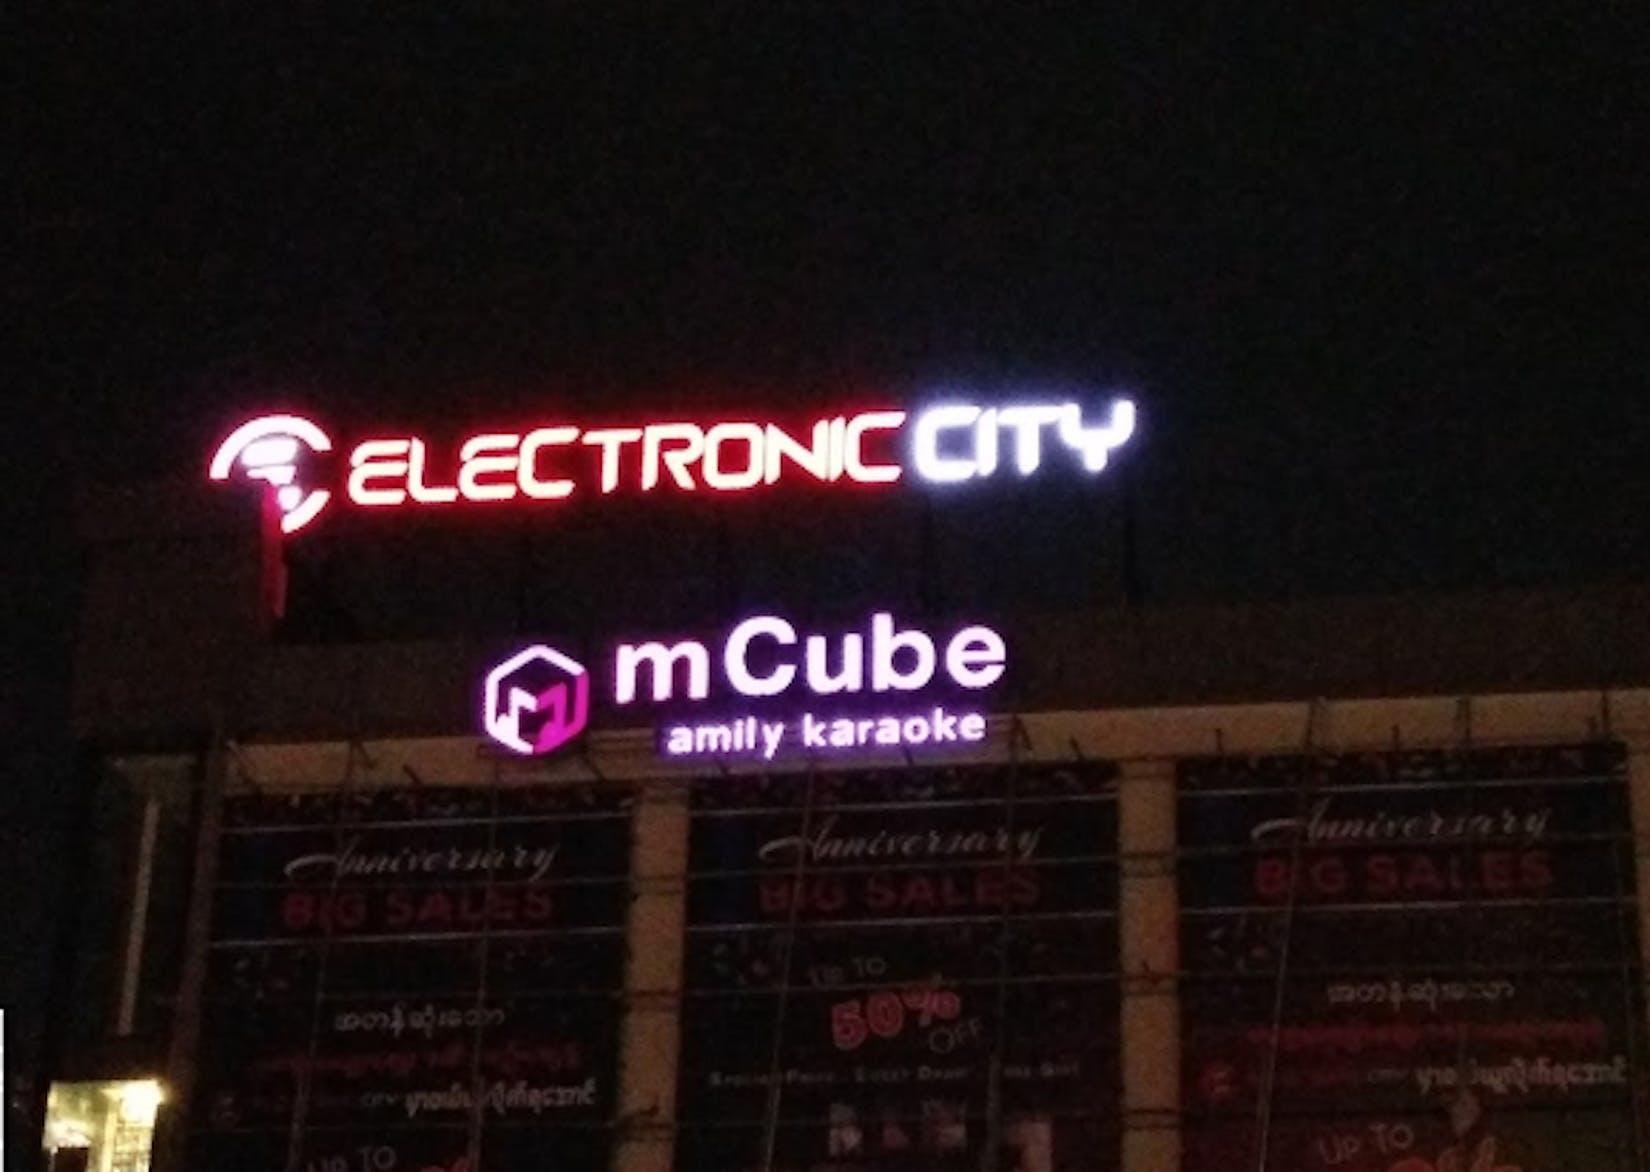 mCube Family Karaoke House | yathar